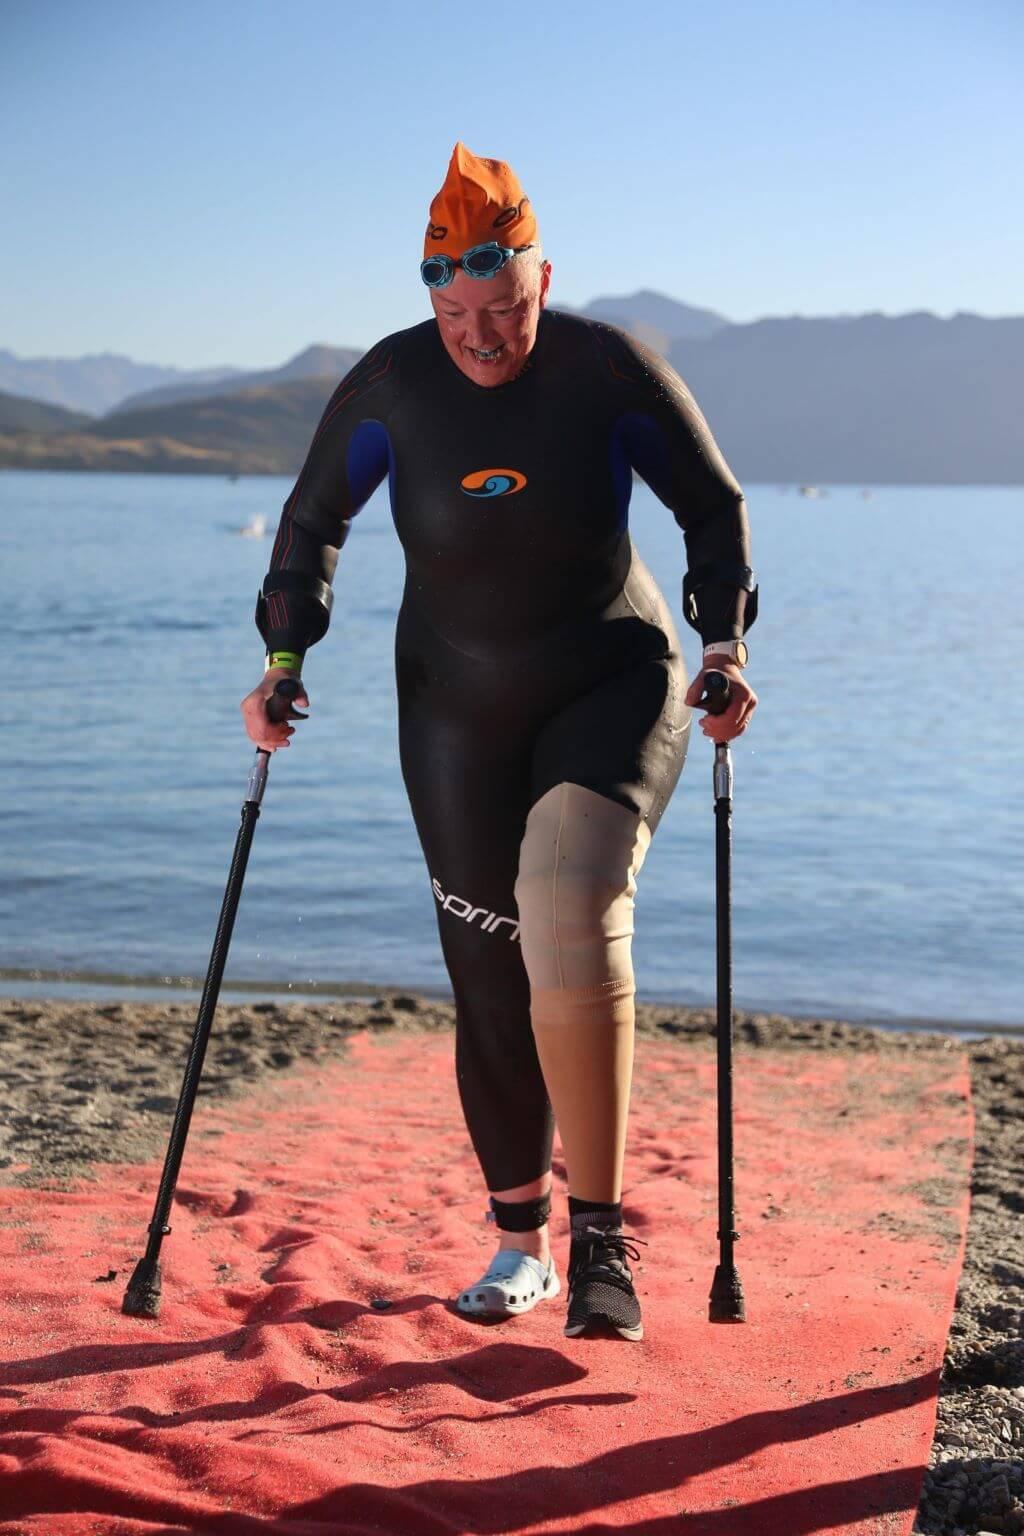 Swim exit.. prosthetic leg on over wetsuit